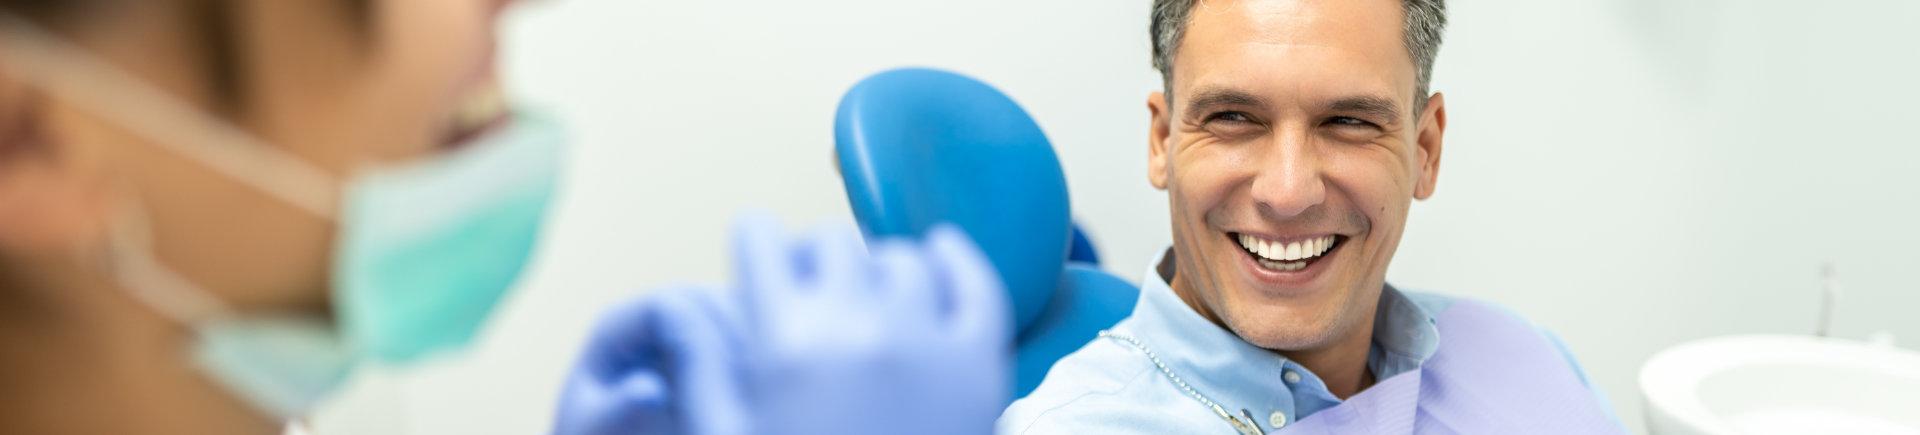 patient sitting in dentist chair